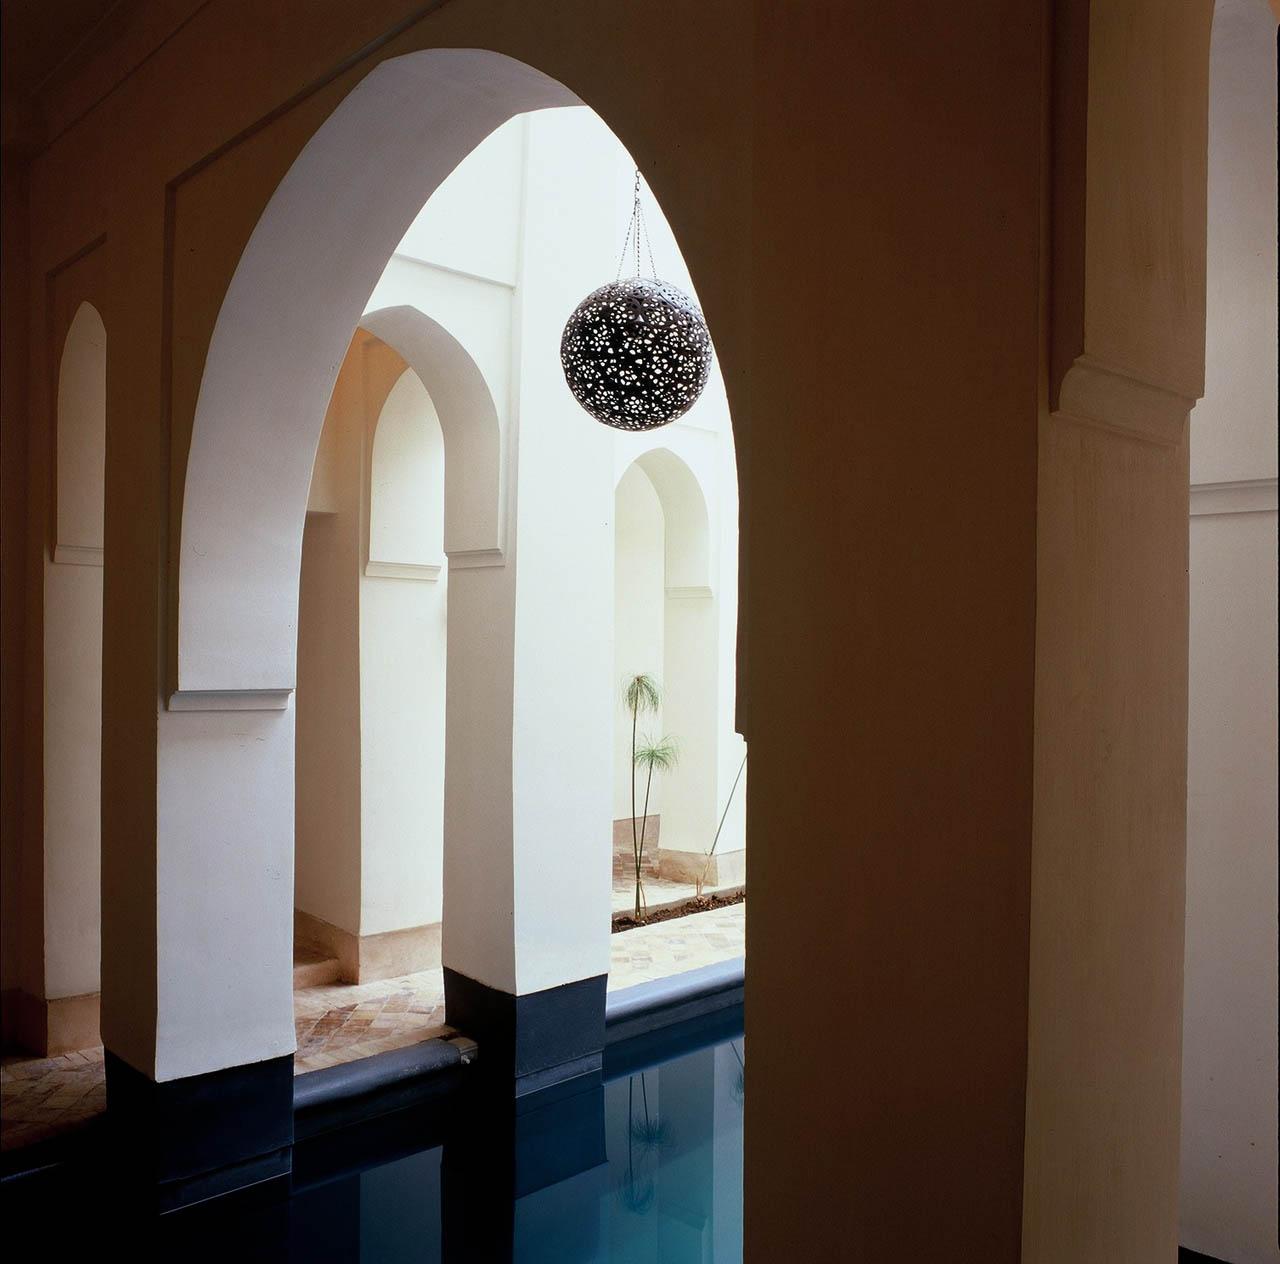 Chambre Piscine avec vue sur la piscine